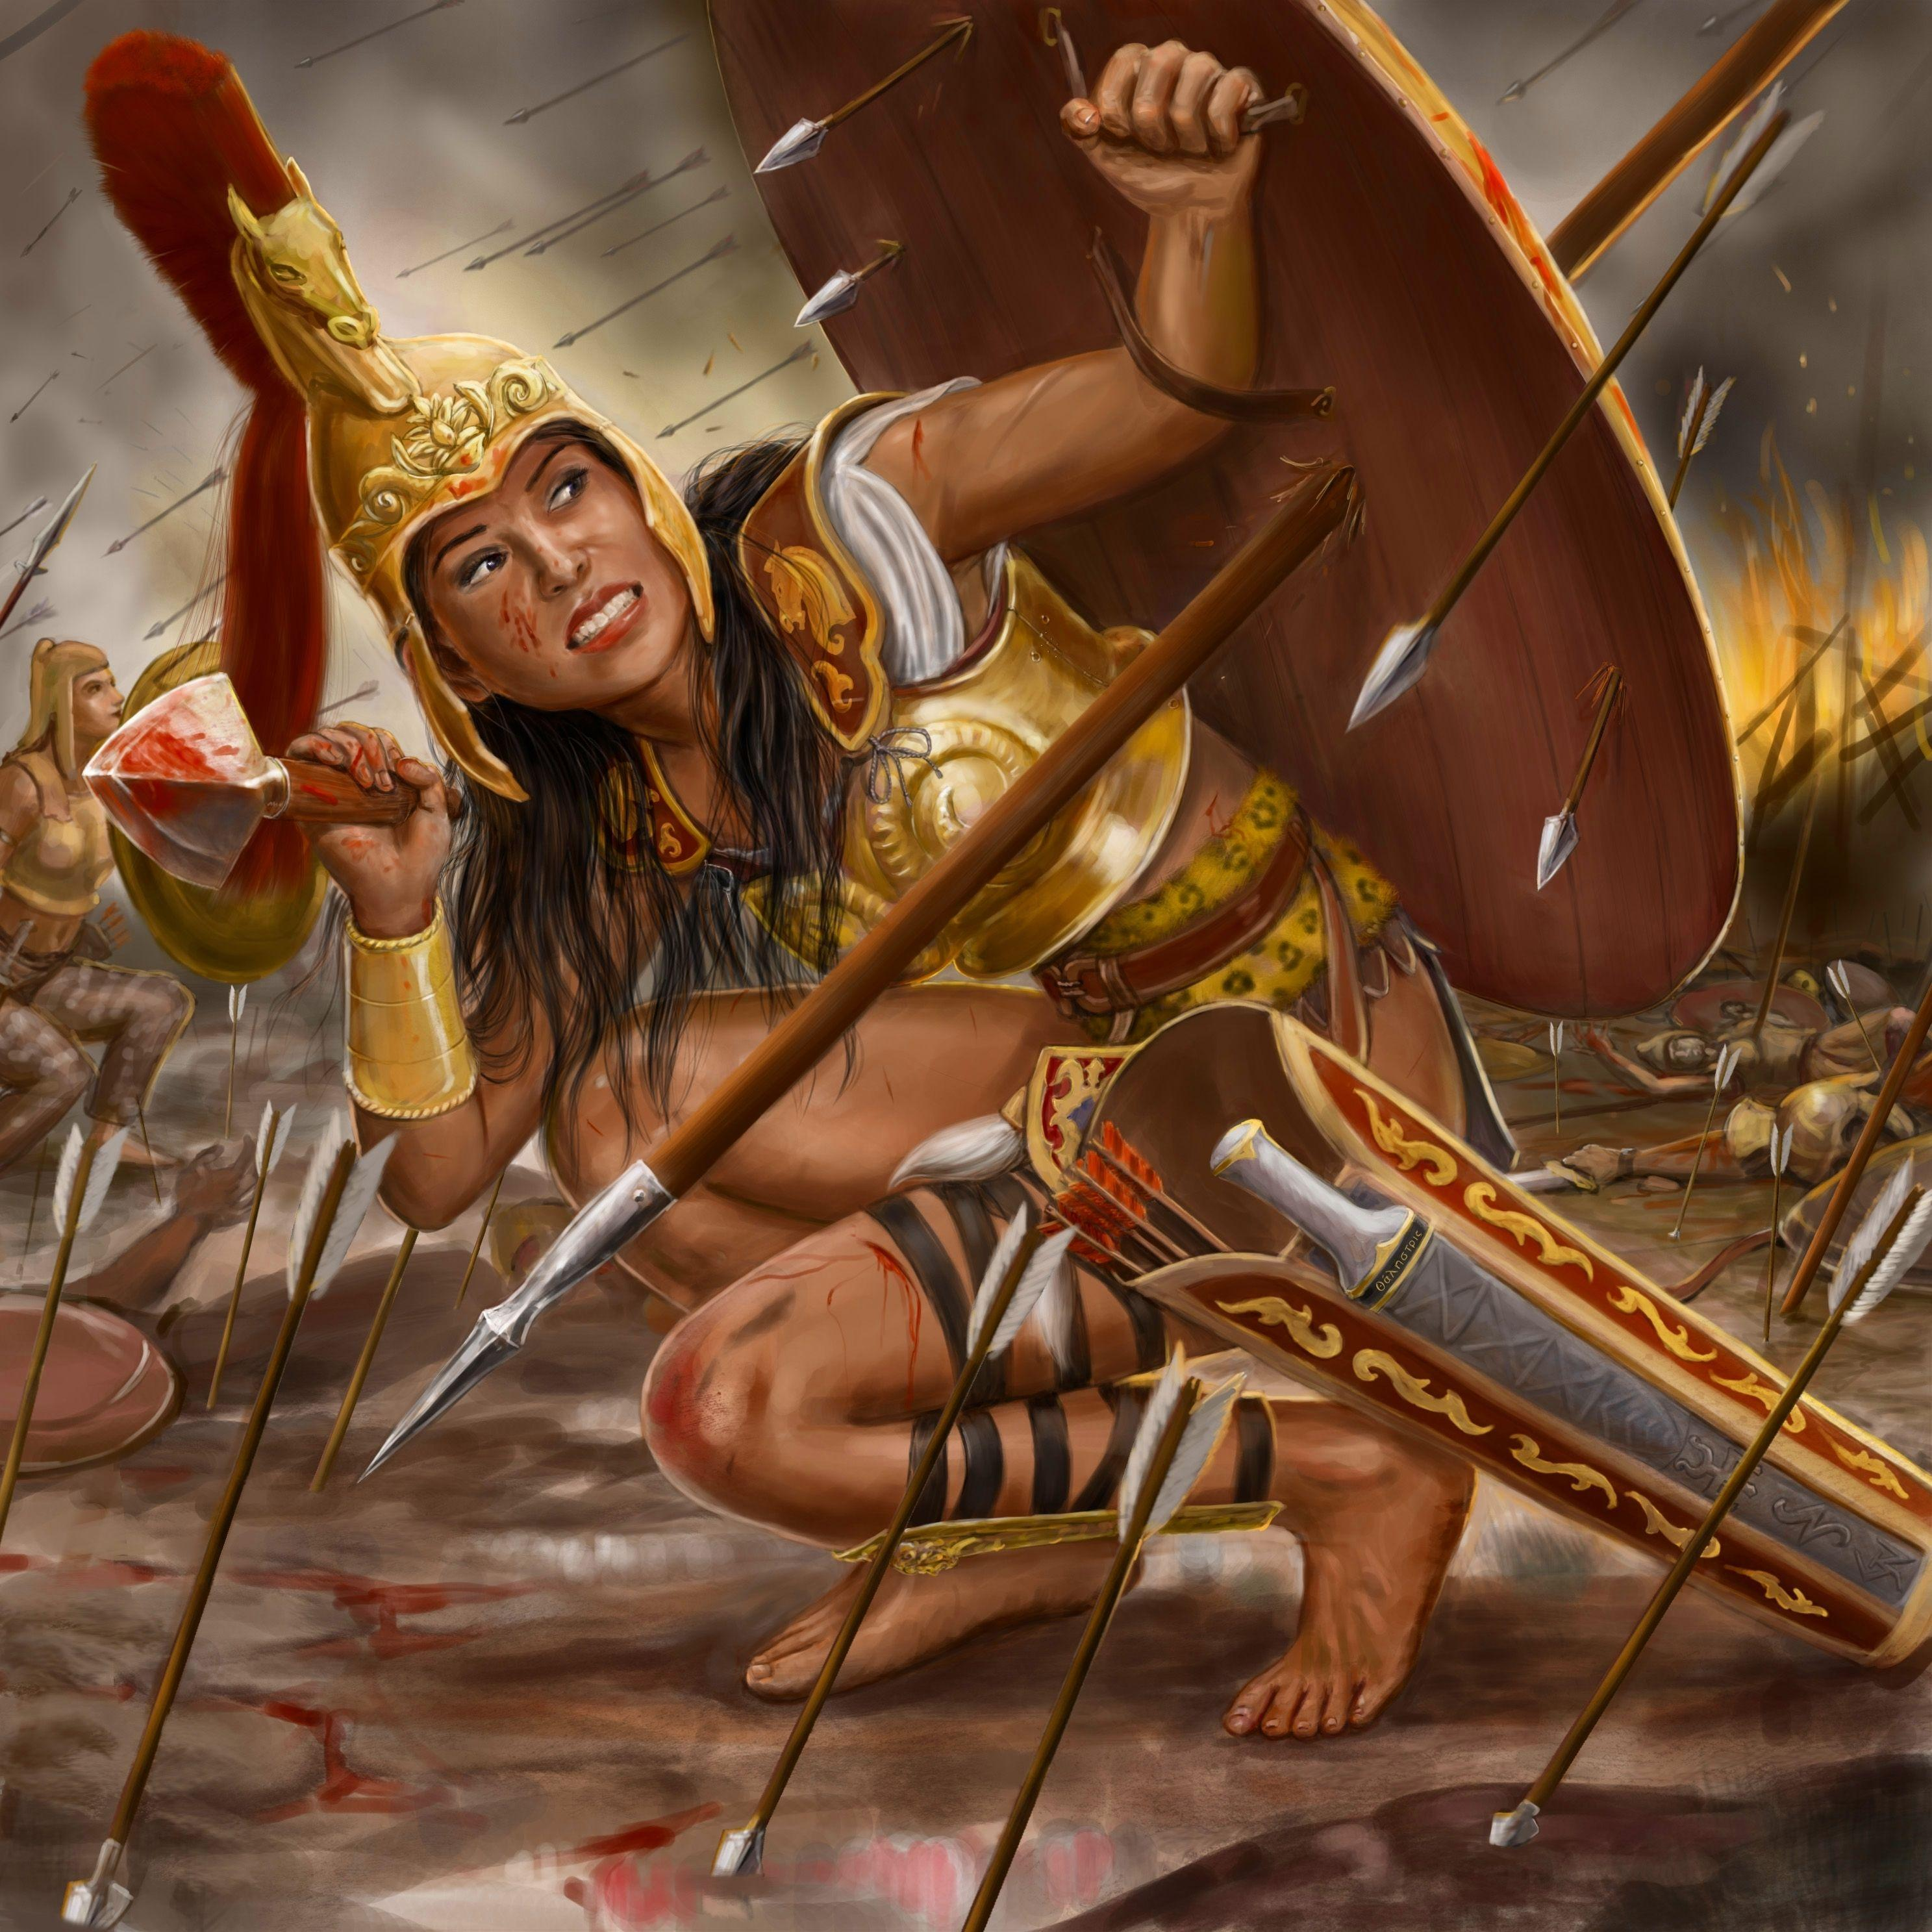 Amazon Warriors Fotos amazon warrior wallpapers - wallpaper cave